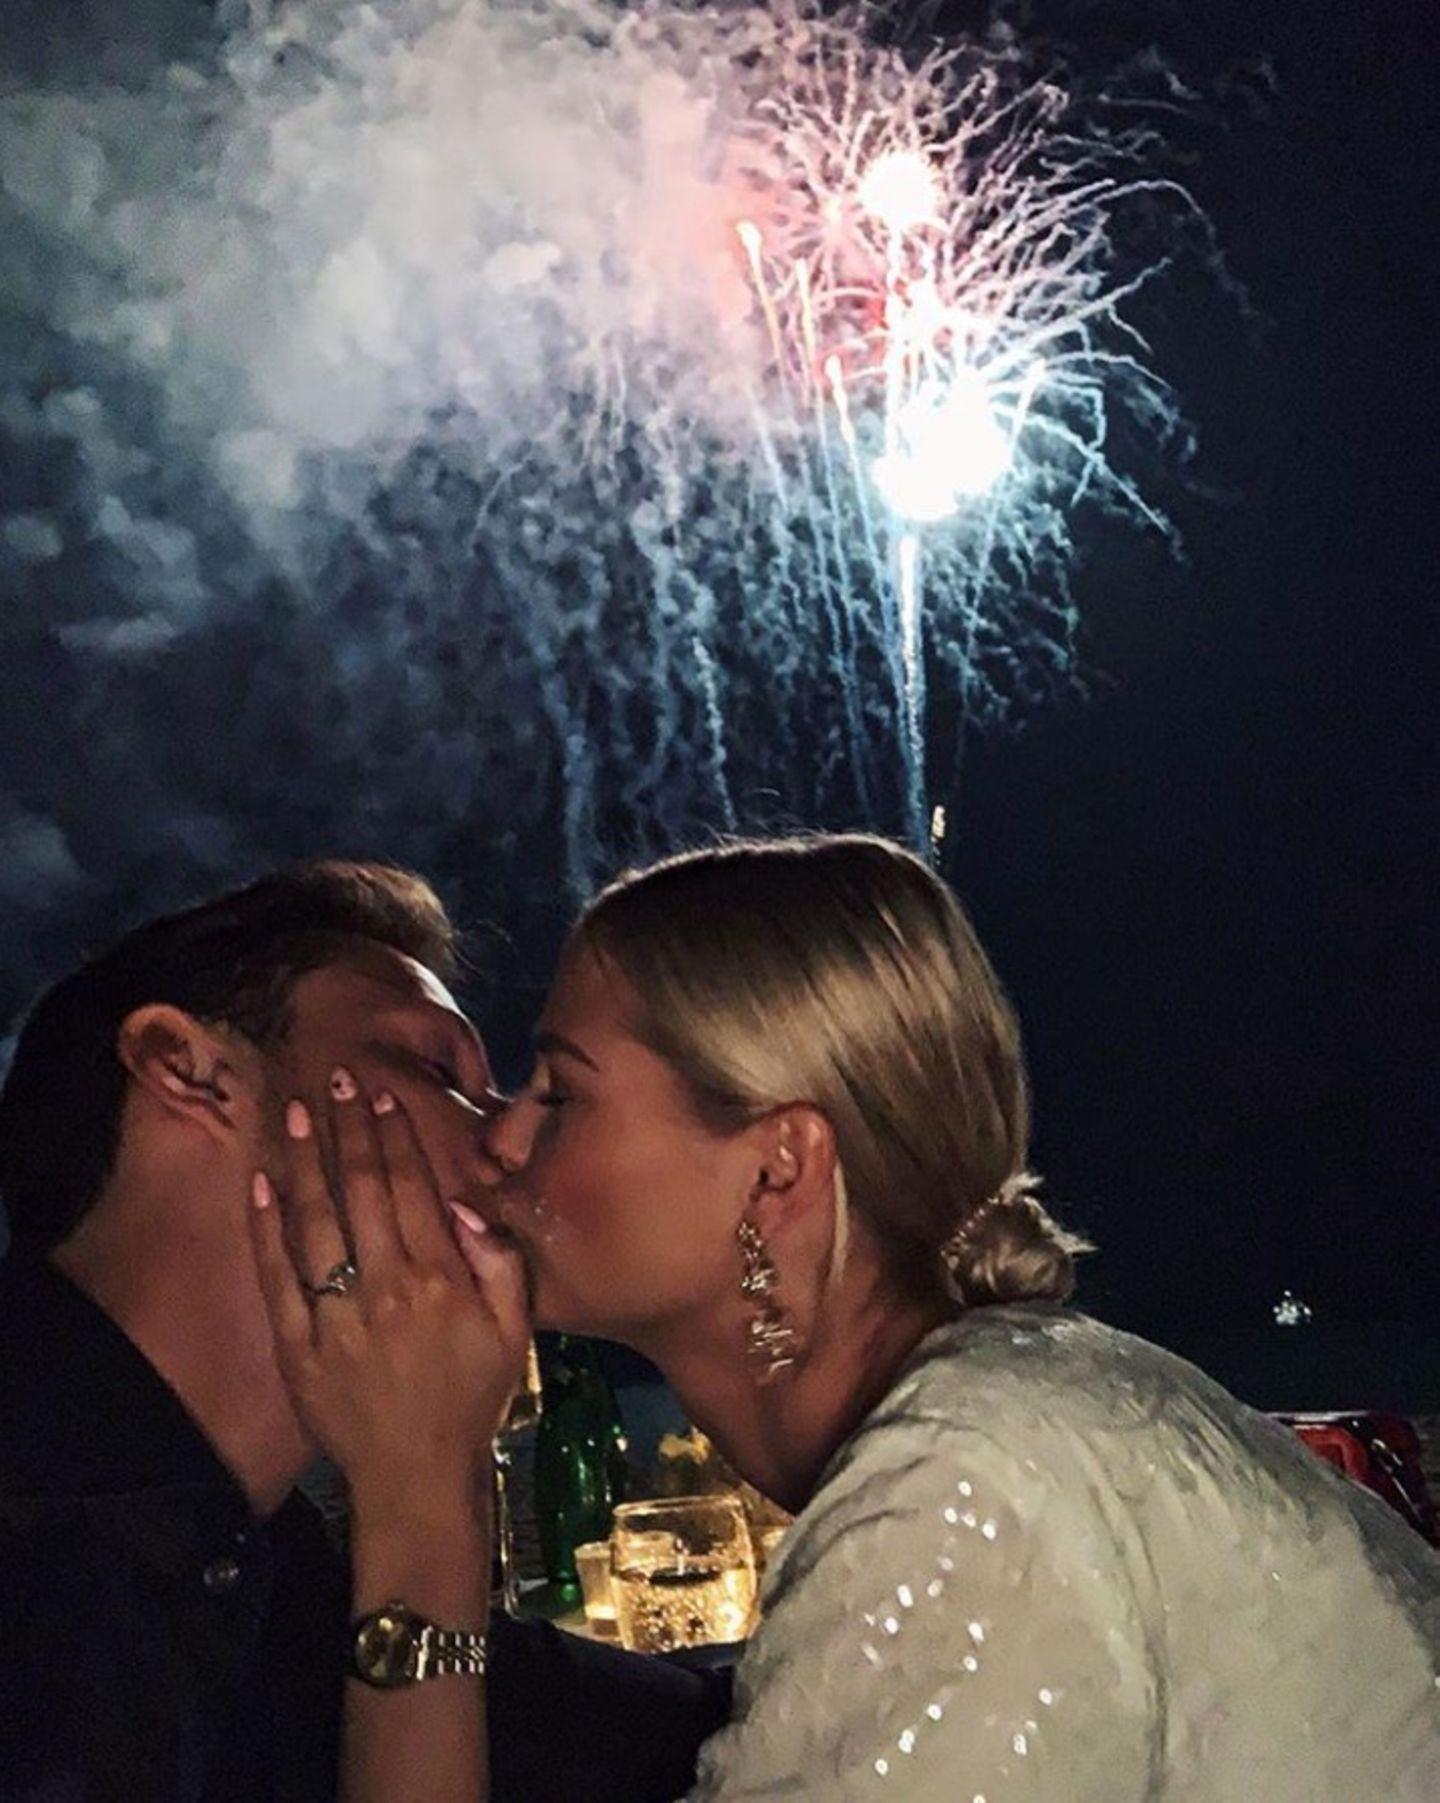 Feuerwerk, Küsse, ein dicker Klunker: Darya Strelnikova erlebt einen ganz besonderen Jahreswechsel. Sie feiert als Verlobte in 2019 rein. Einen Tag zuvor hat ihr Liebster, Roger Elias, um ihre Hand angehalten und sie hat ja gesagt. Ein großer Stein ziert nun ihren Ringfinger.  In 2015 hatte Darya den 5. Platz bei GNTM belegt.